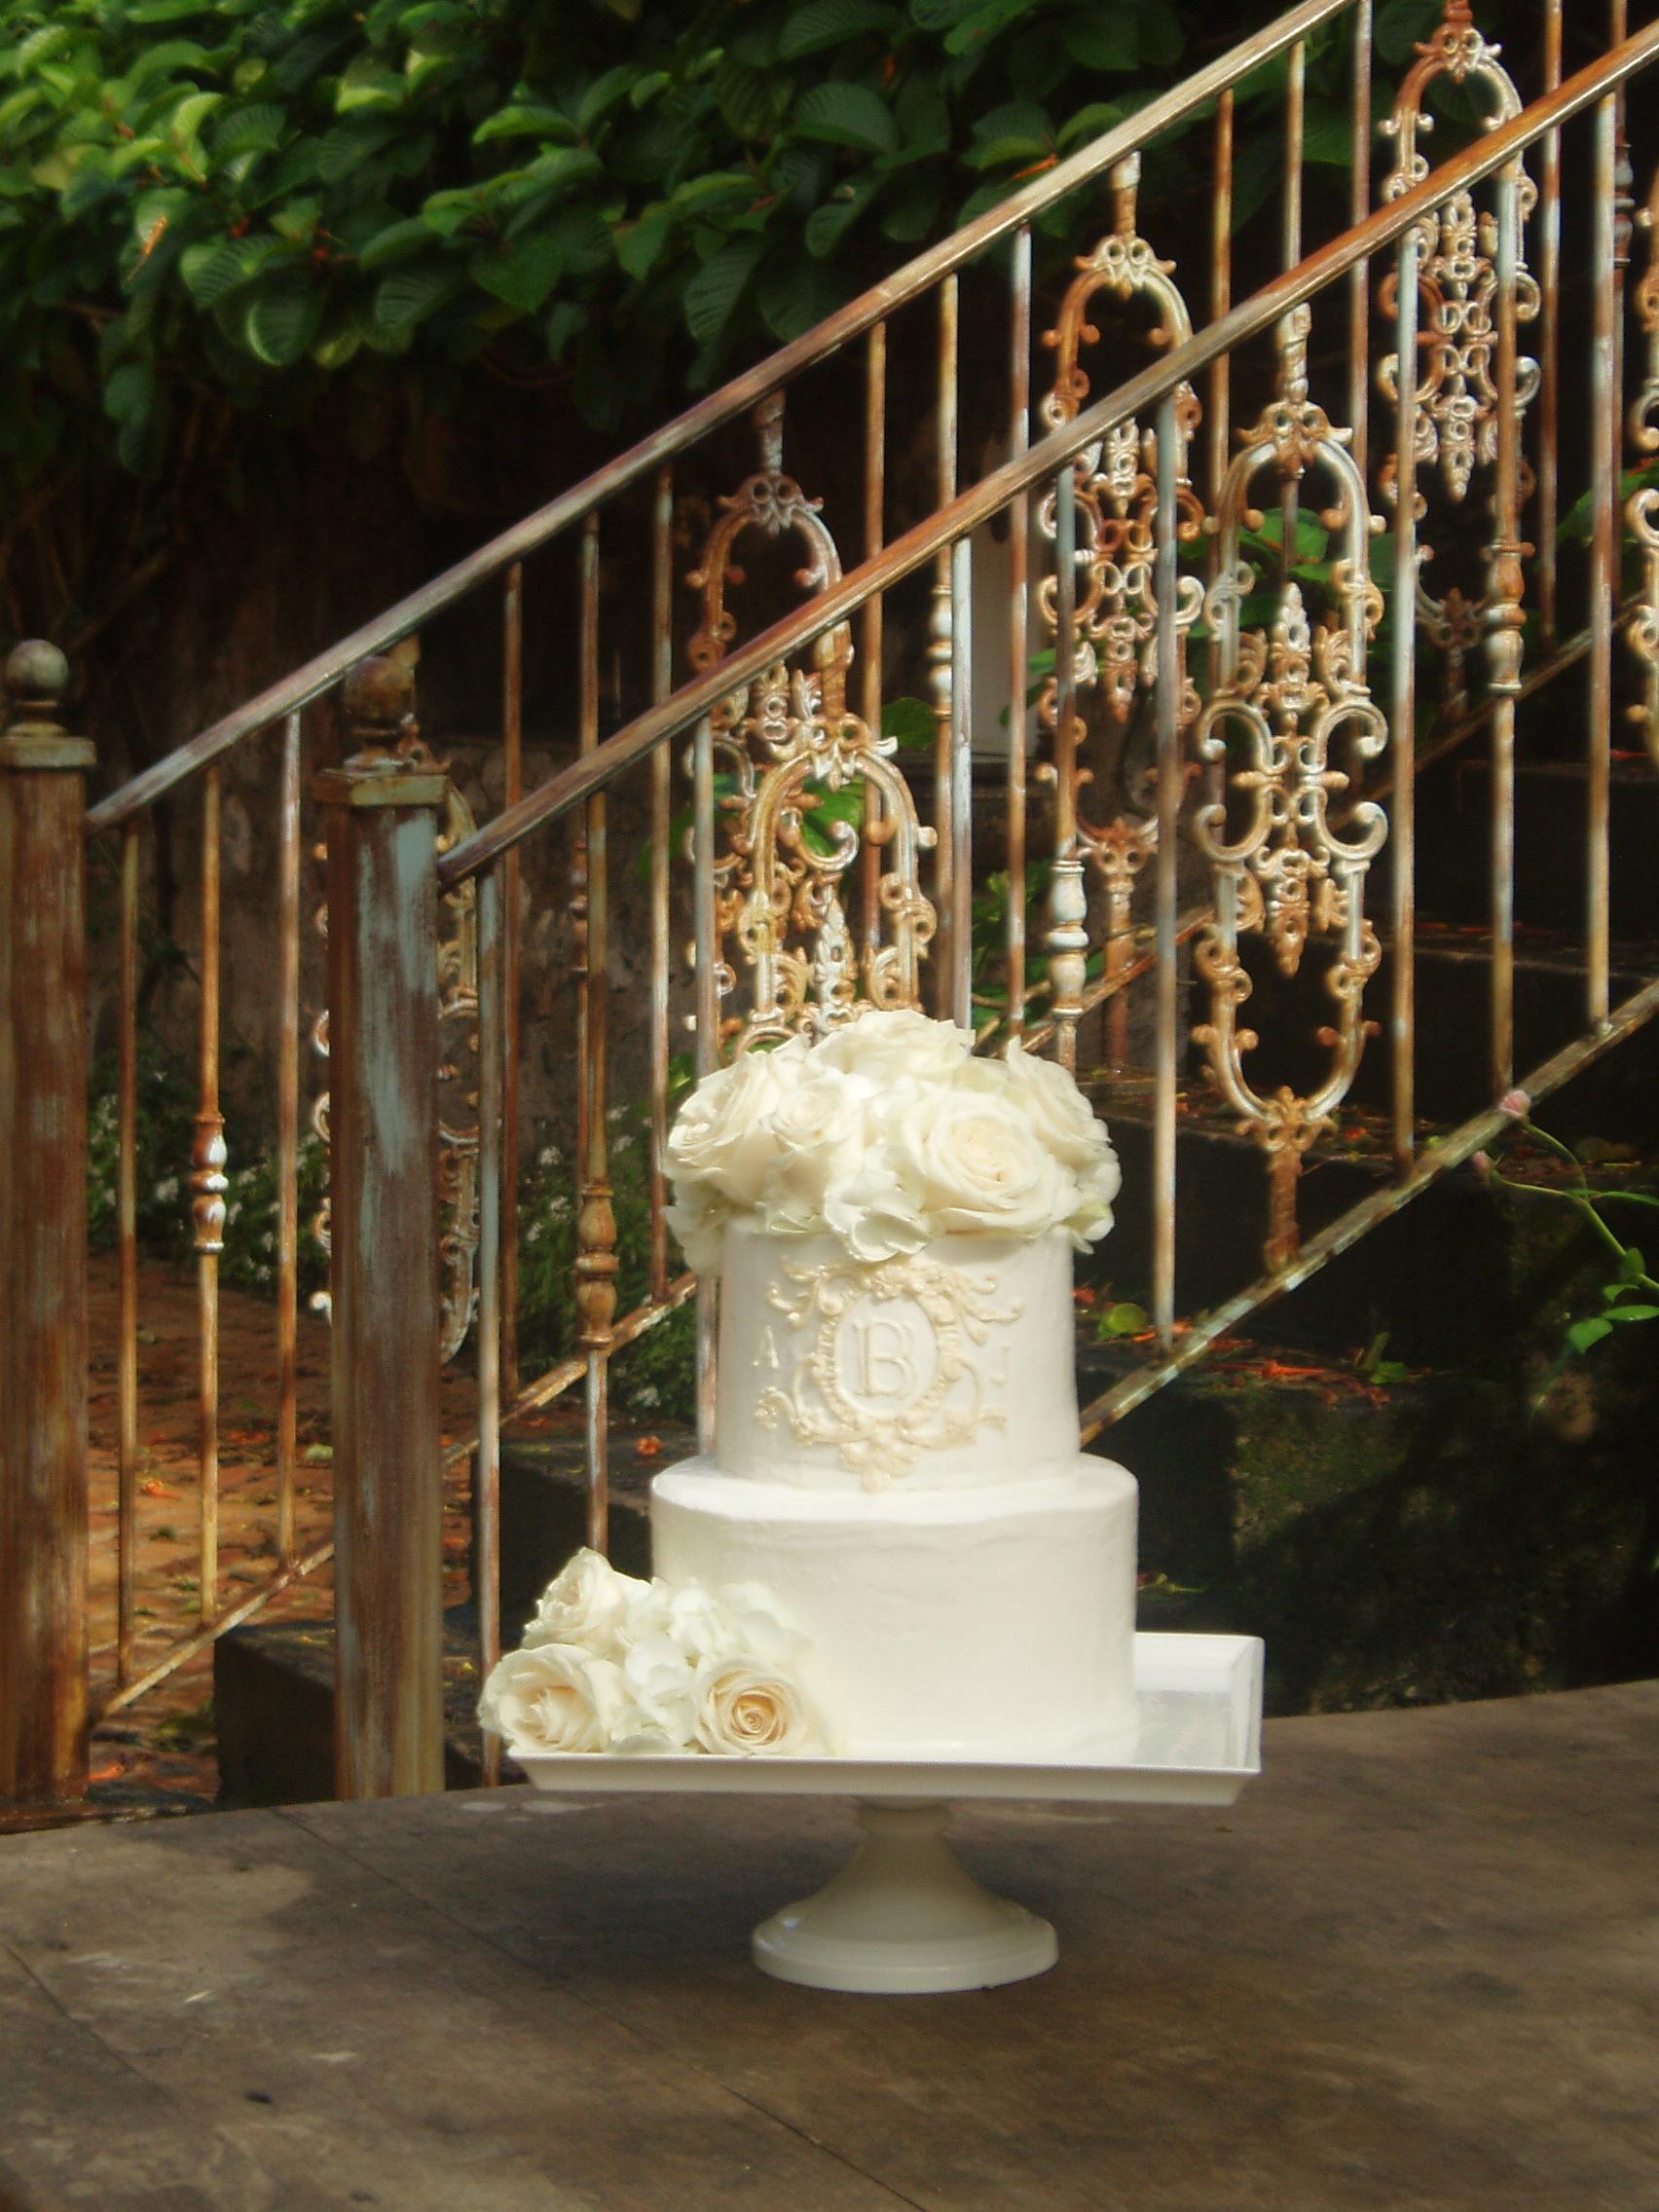 Cake and Iron ramp 2013.JPG